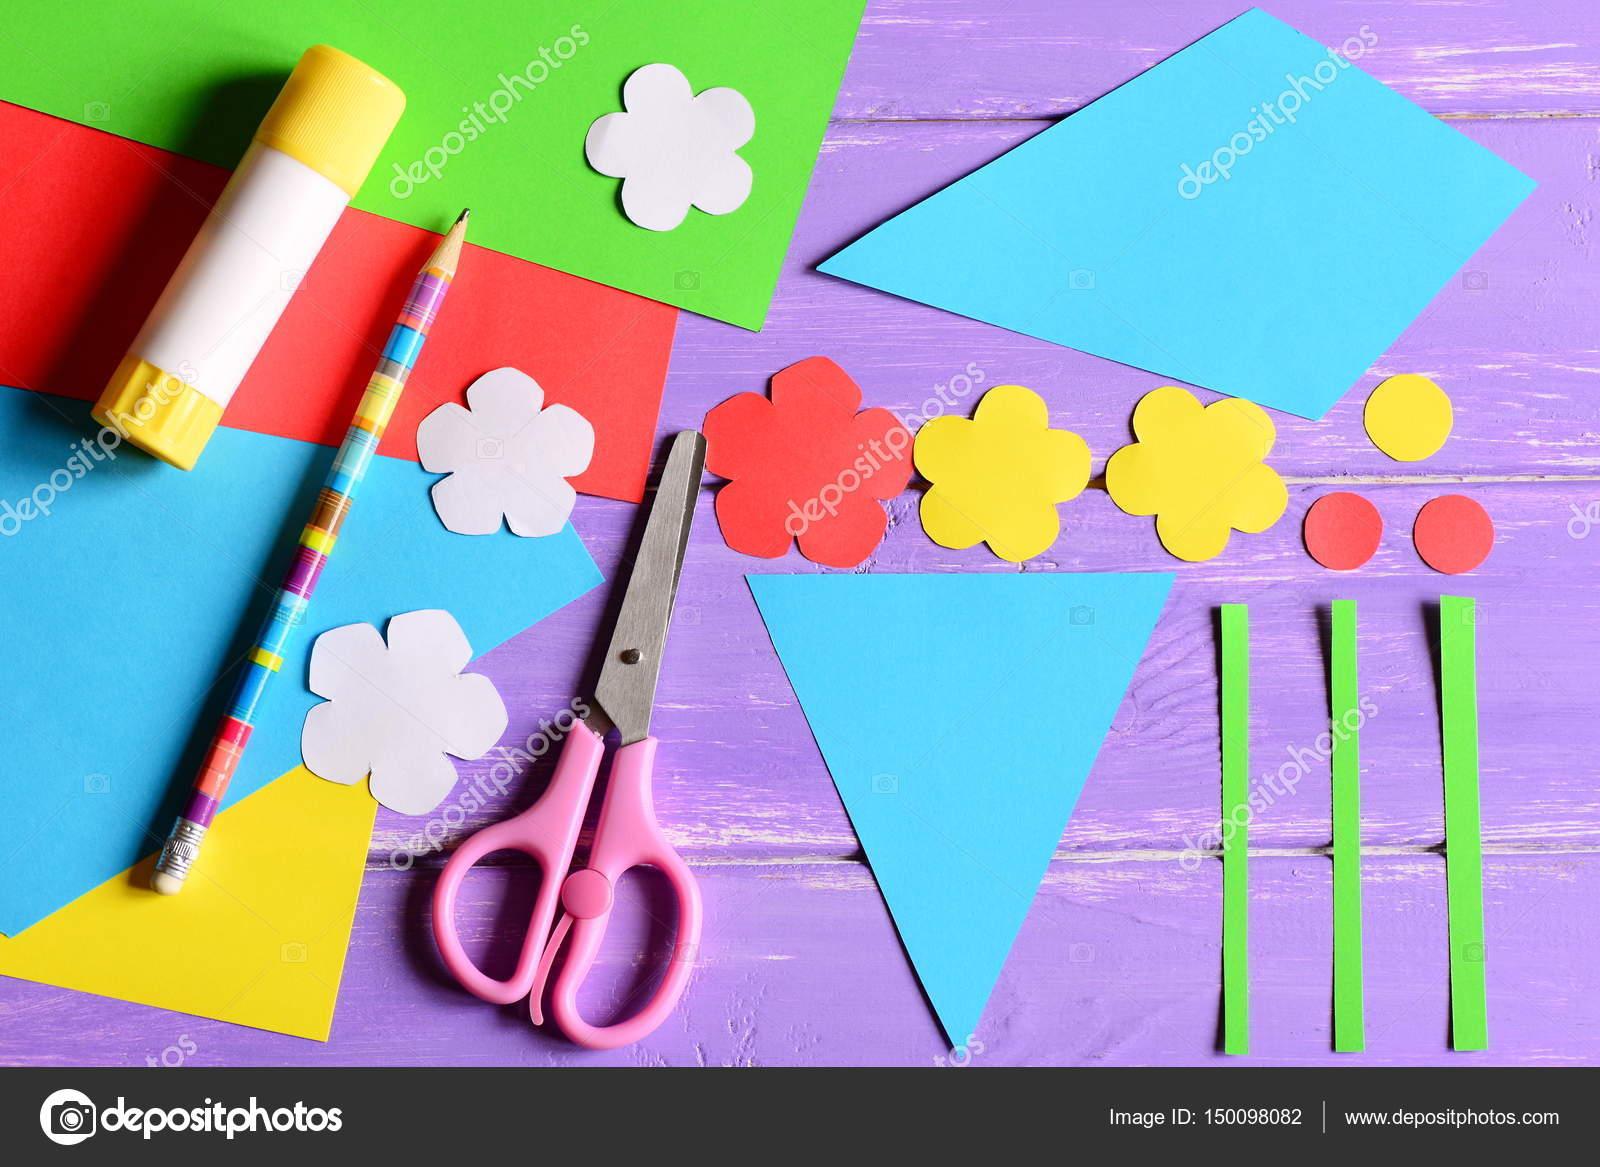 Fotos Como Hacer Tarjetas De Cumpleanos Infantiles Crear Artes De - Hacer-tarjetas-de-cumpleaos